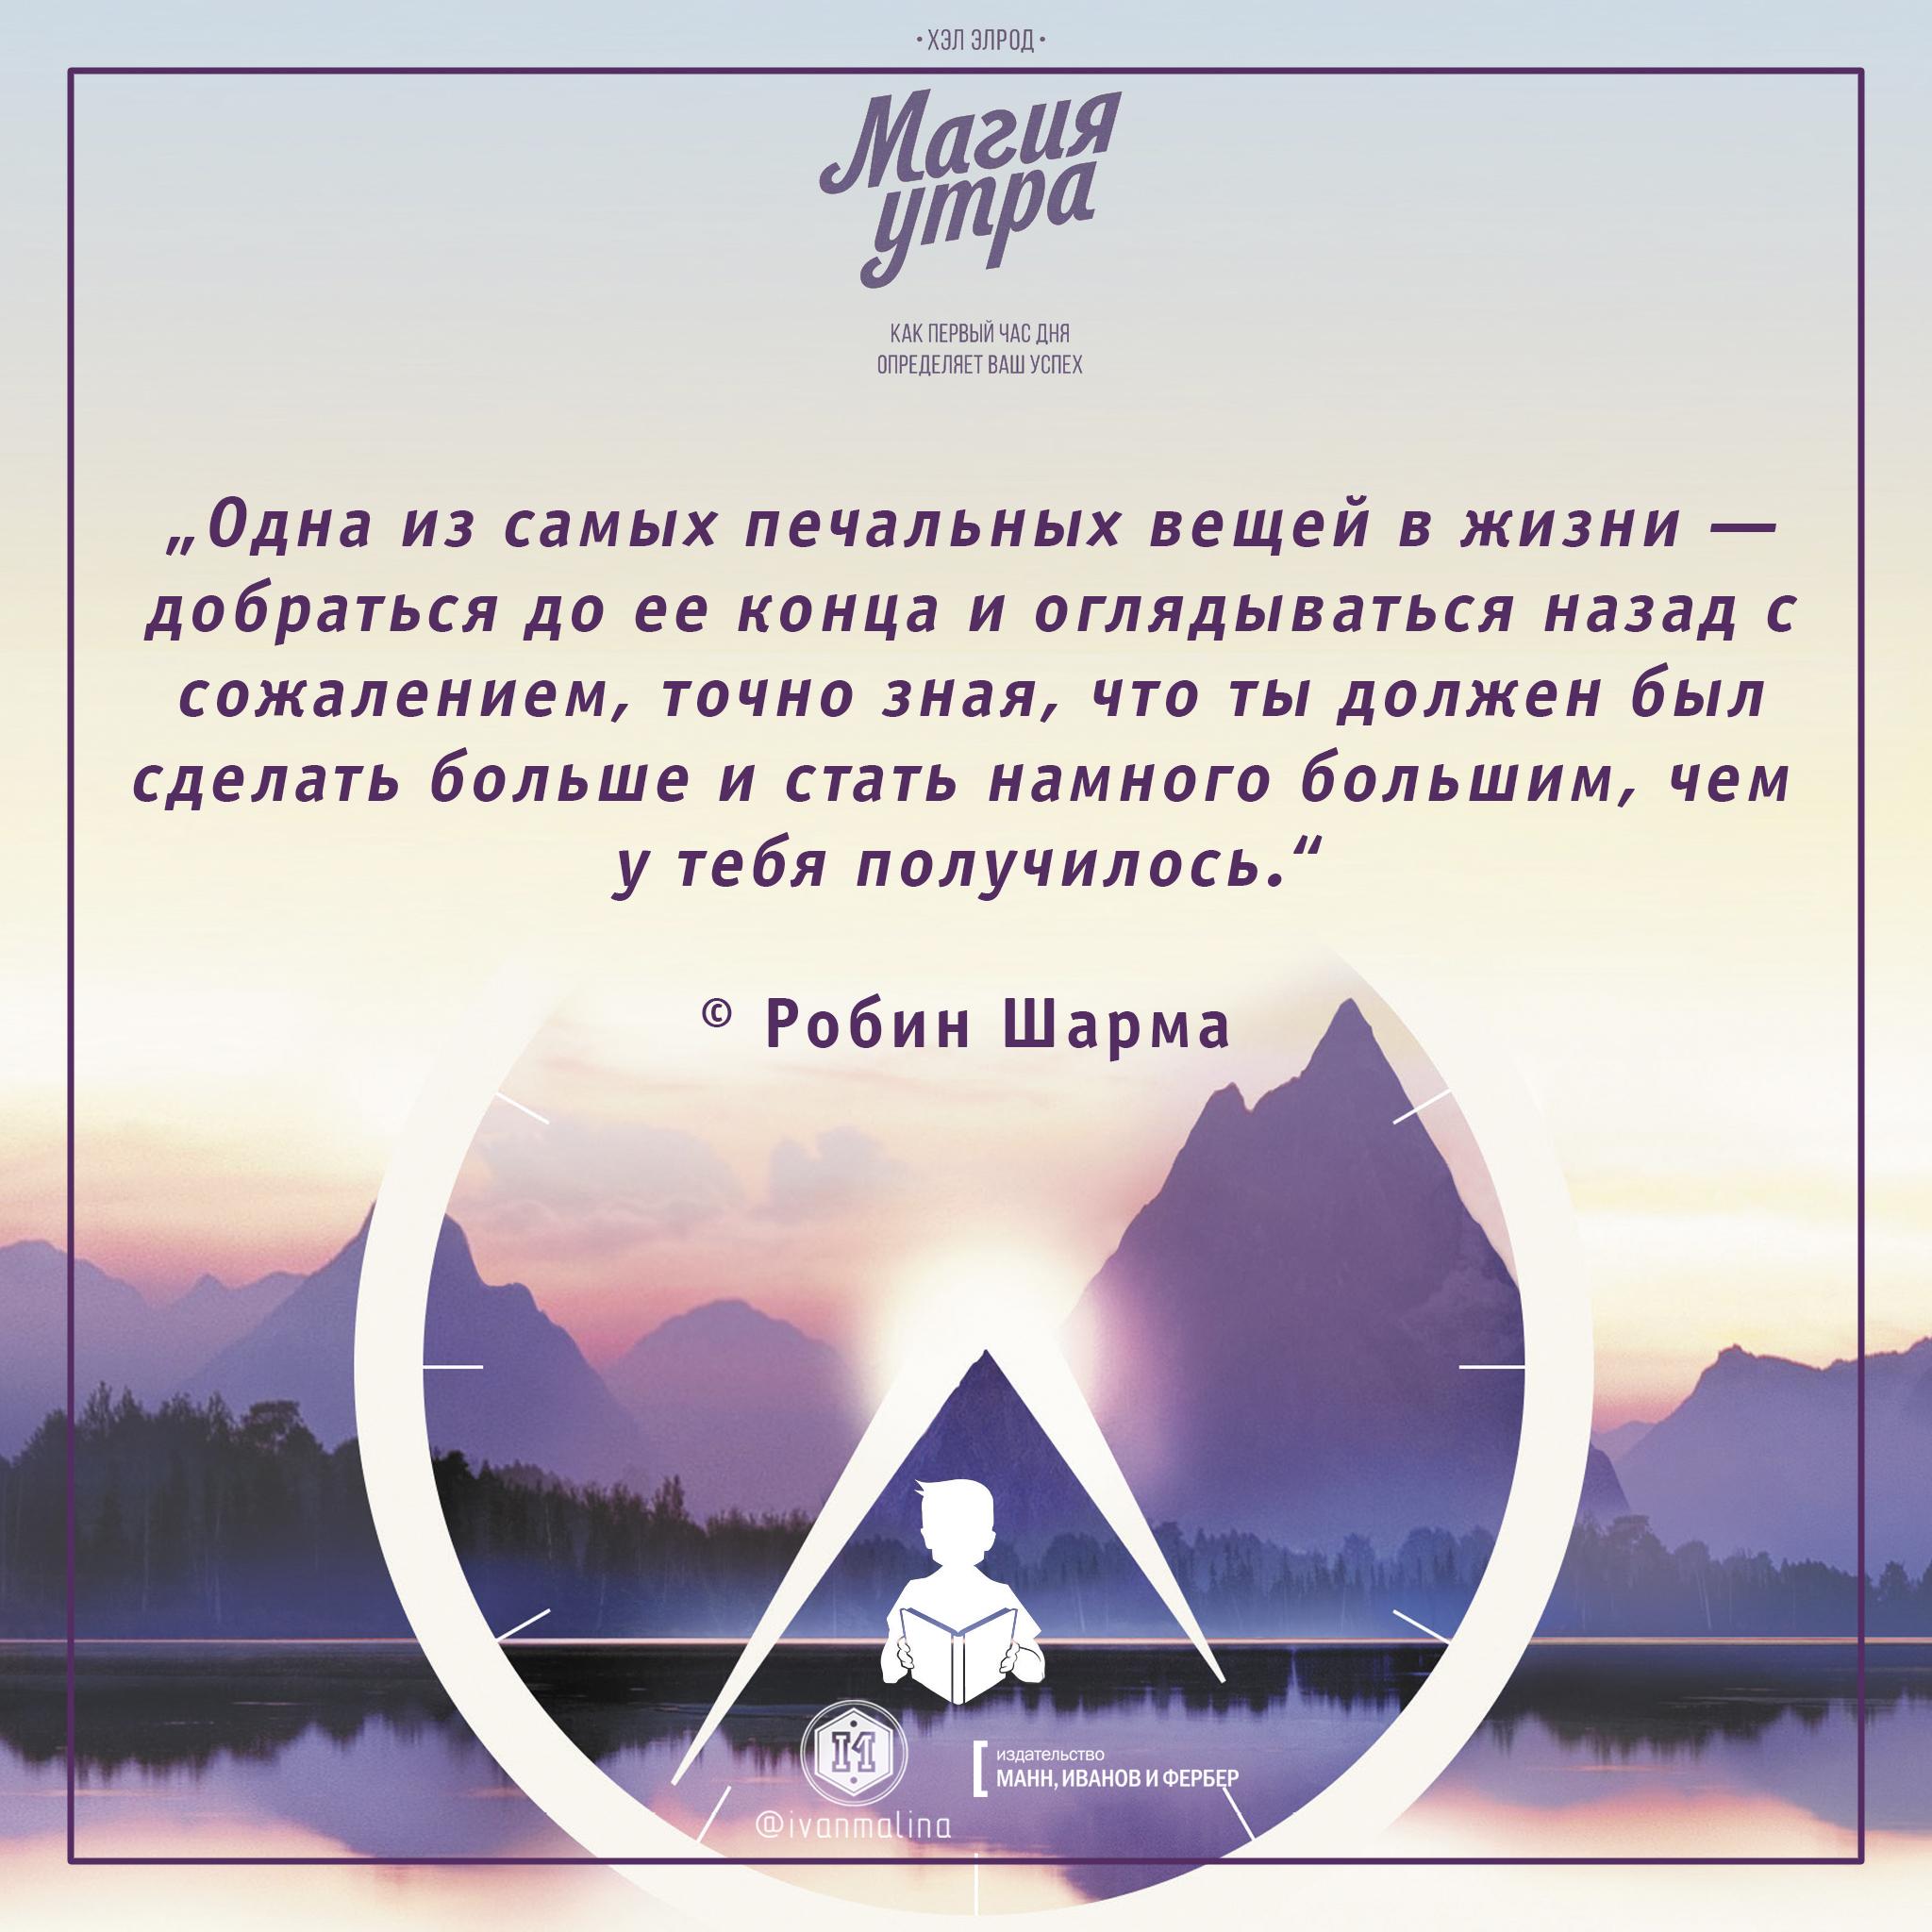 МАГИЯ УТРА ЭЛРОД СКАЧАТЬ БЕСПЛАТНО